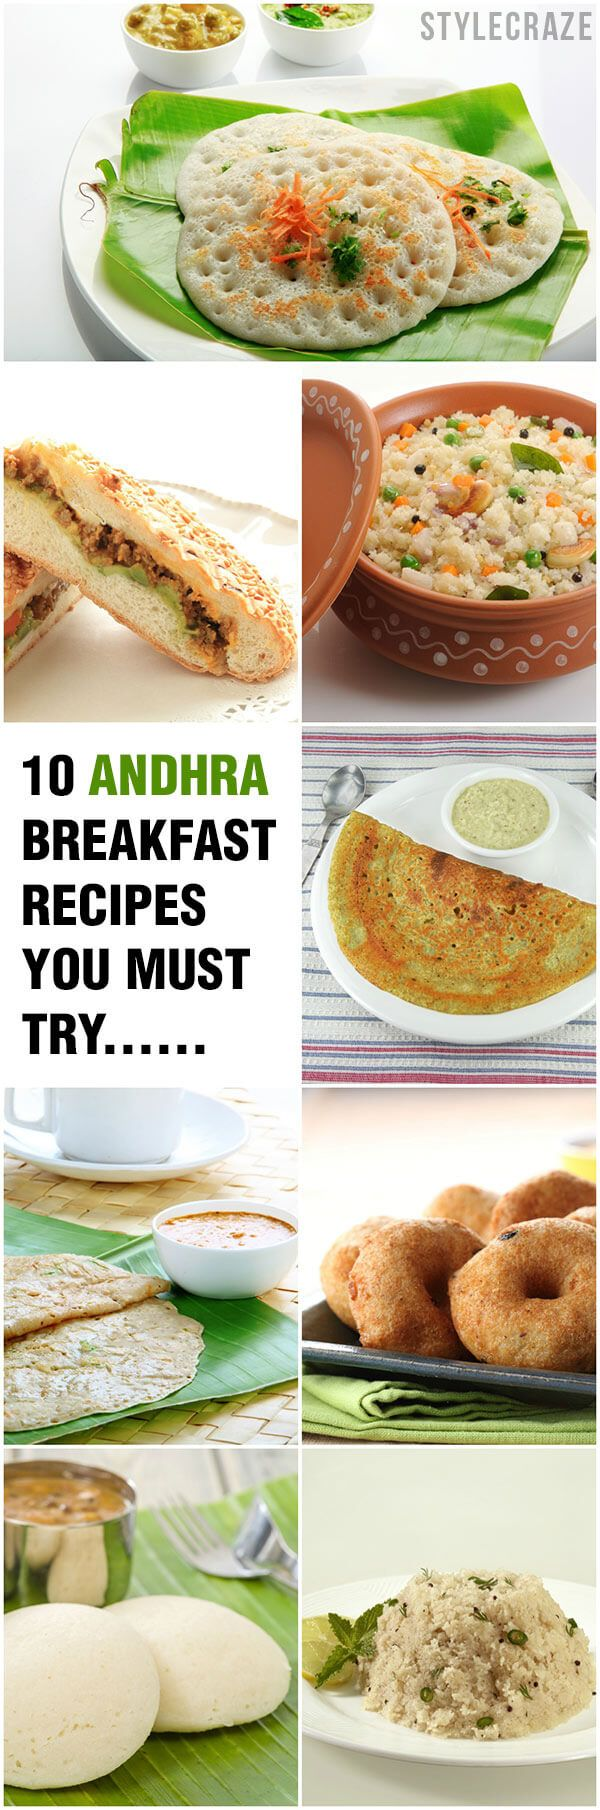 10 Recettes simples et rapides de petit-déjeuner andhra vous devez essayer